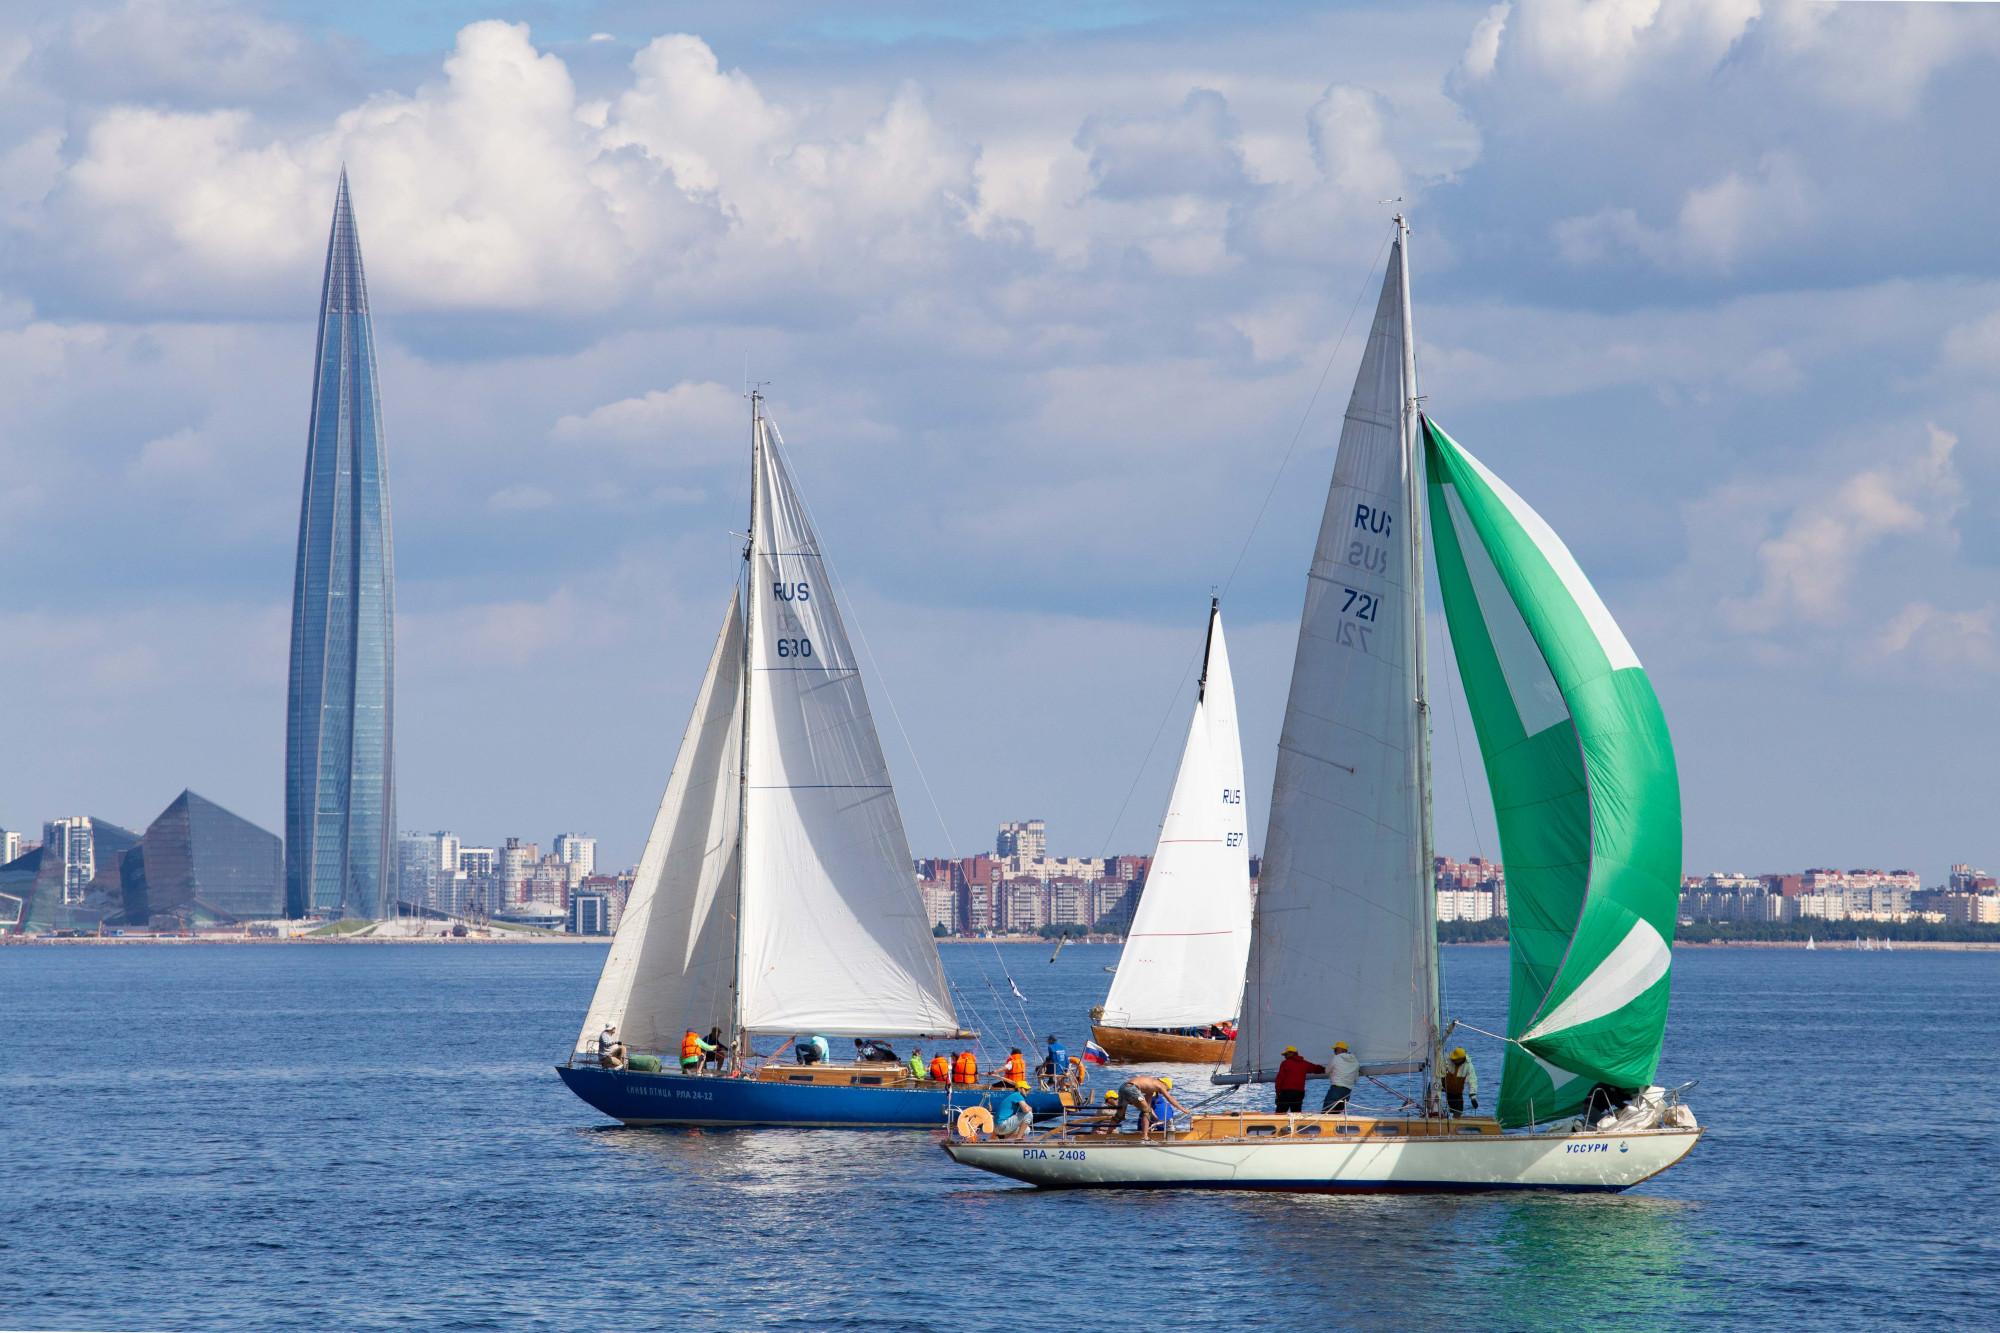 парусная регата, яхты, Лахта-центр